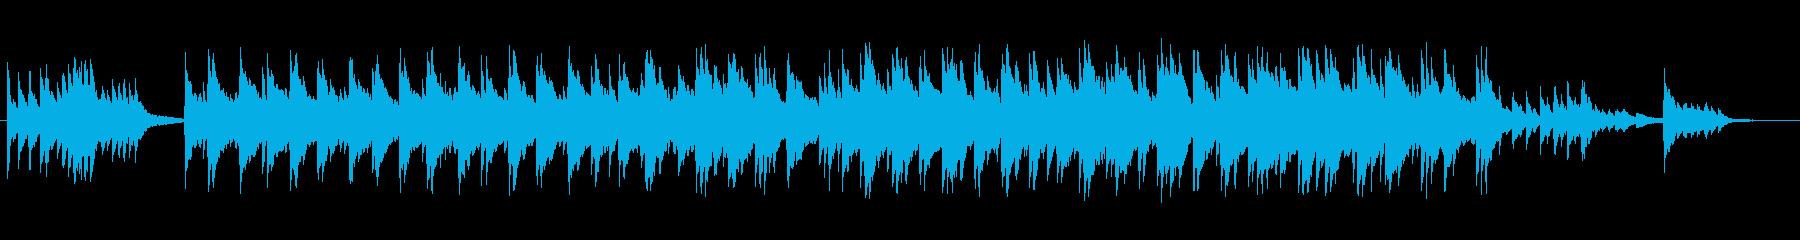 安心感のあるピアノバラードの再生済みの波形